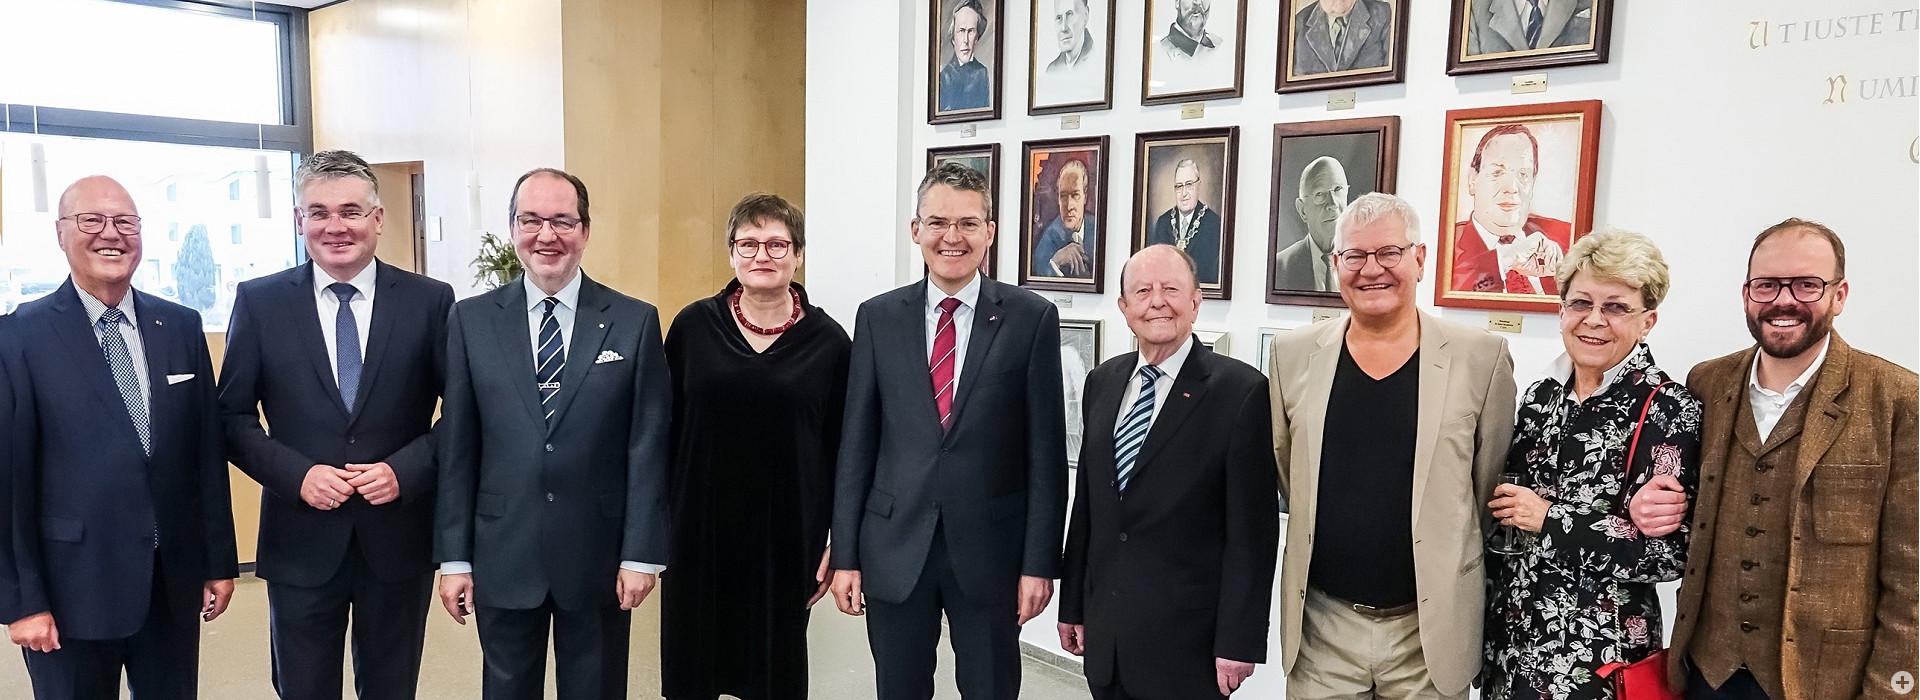 Neujahrsempfang 2020 der Stadt Oberkochen im Rathaus